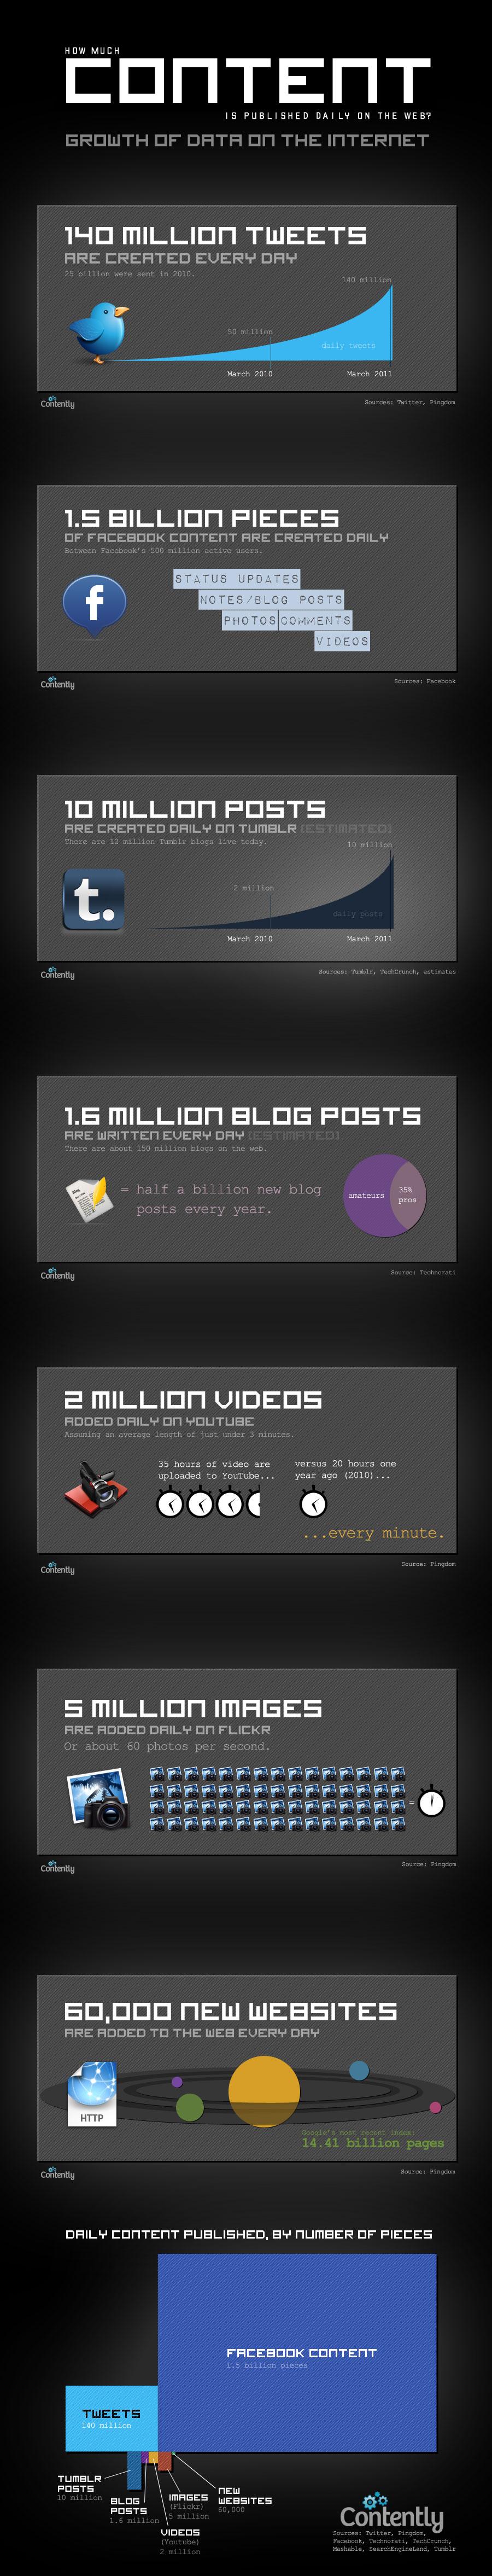 Web'de Günde Kaç İçerik Yayınlanıyor?